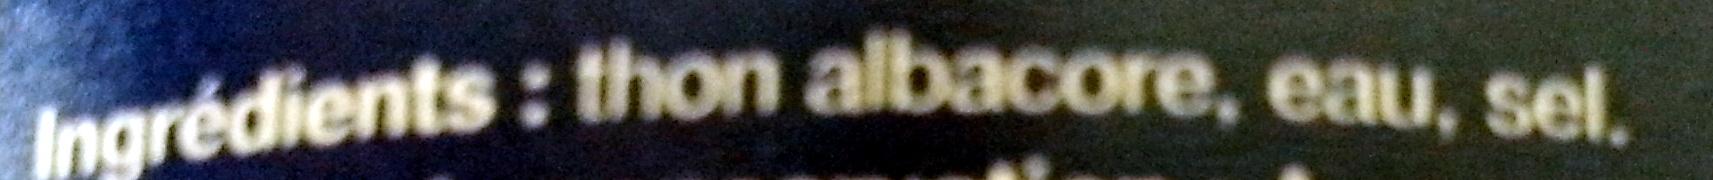 Thon albacore au naturel - Ingredientes